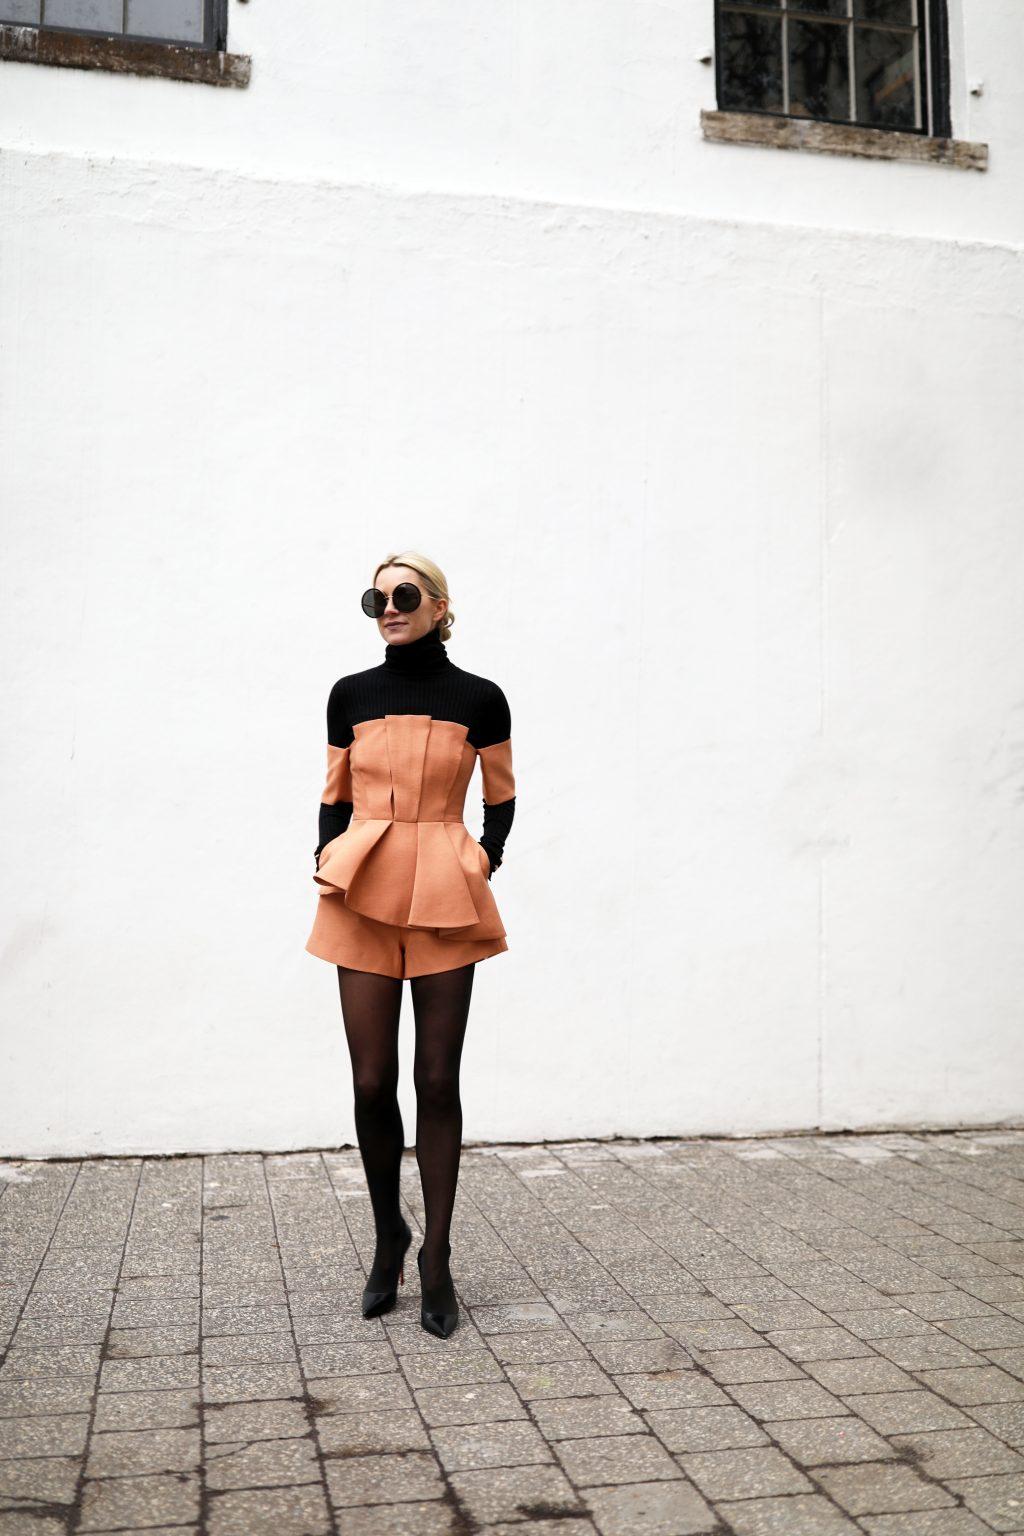 blair-eadie-atlantic-pacific-blog-new-york-street-style-romper